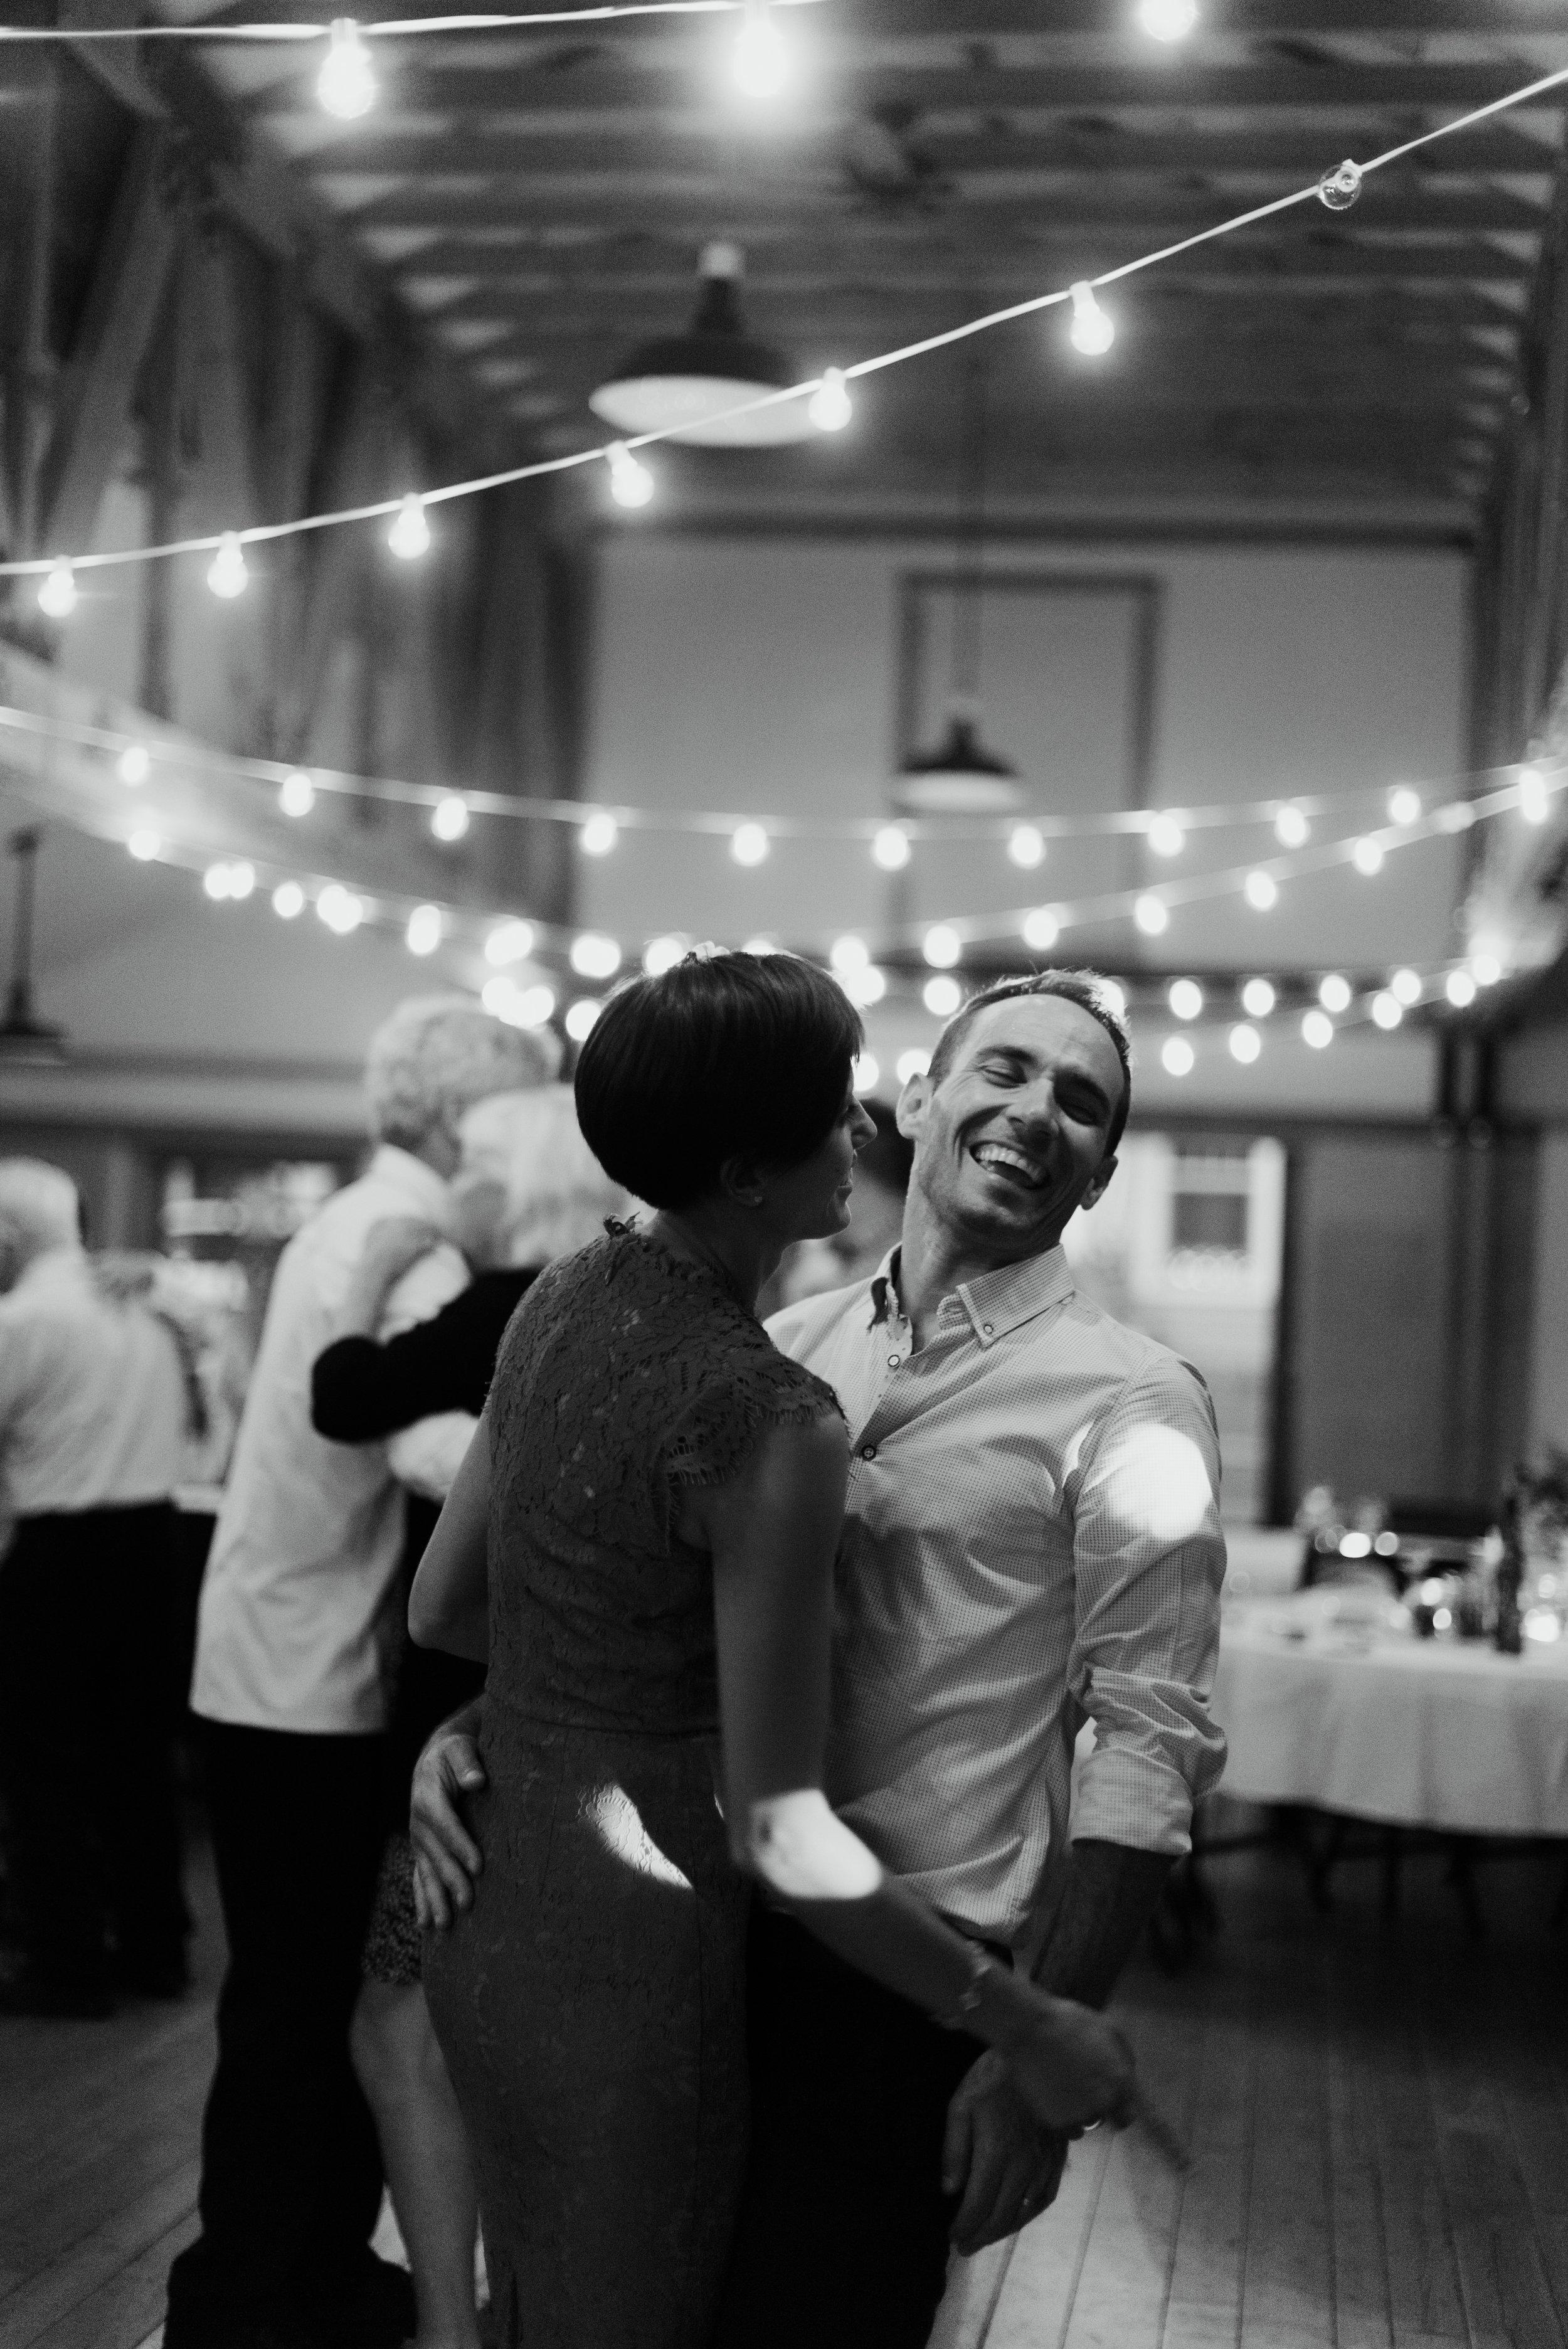 10 Dancing-7641.jpg